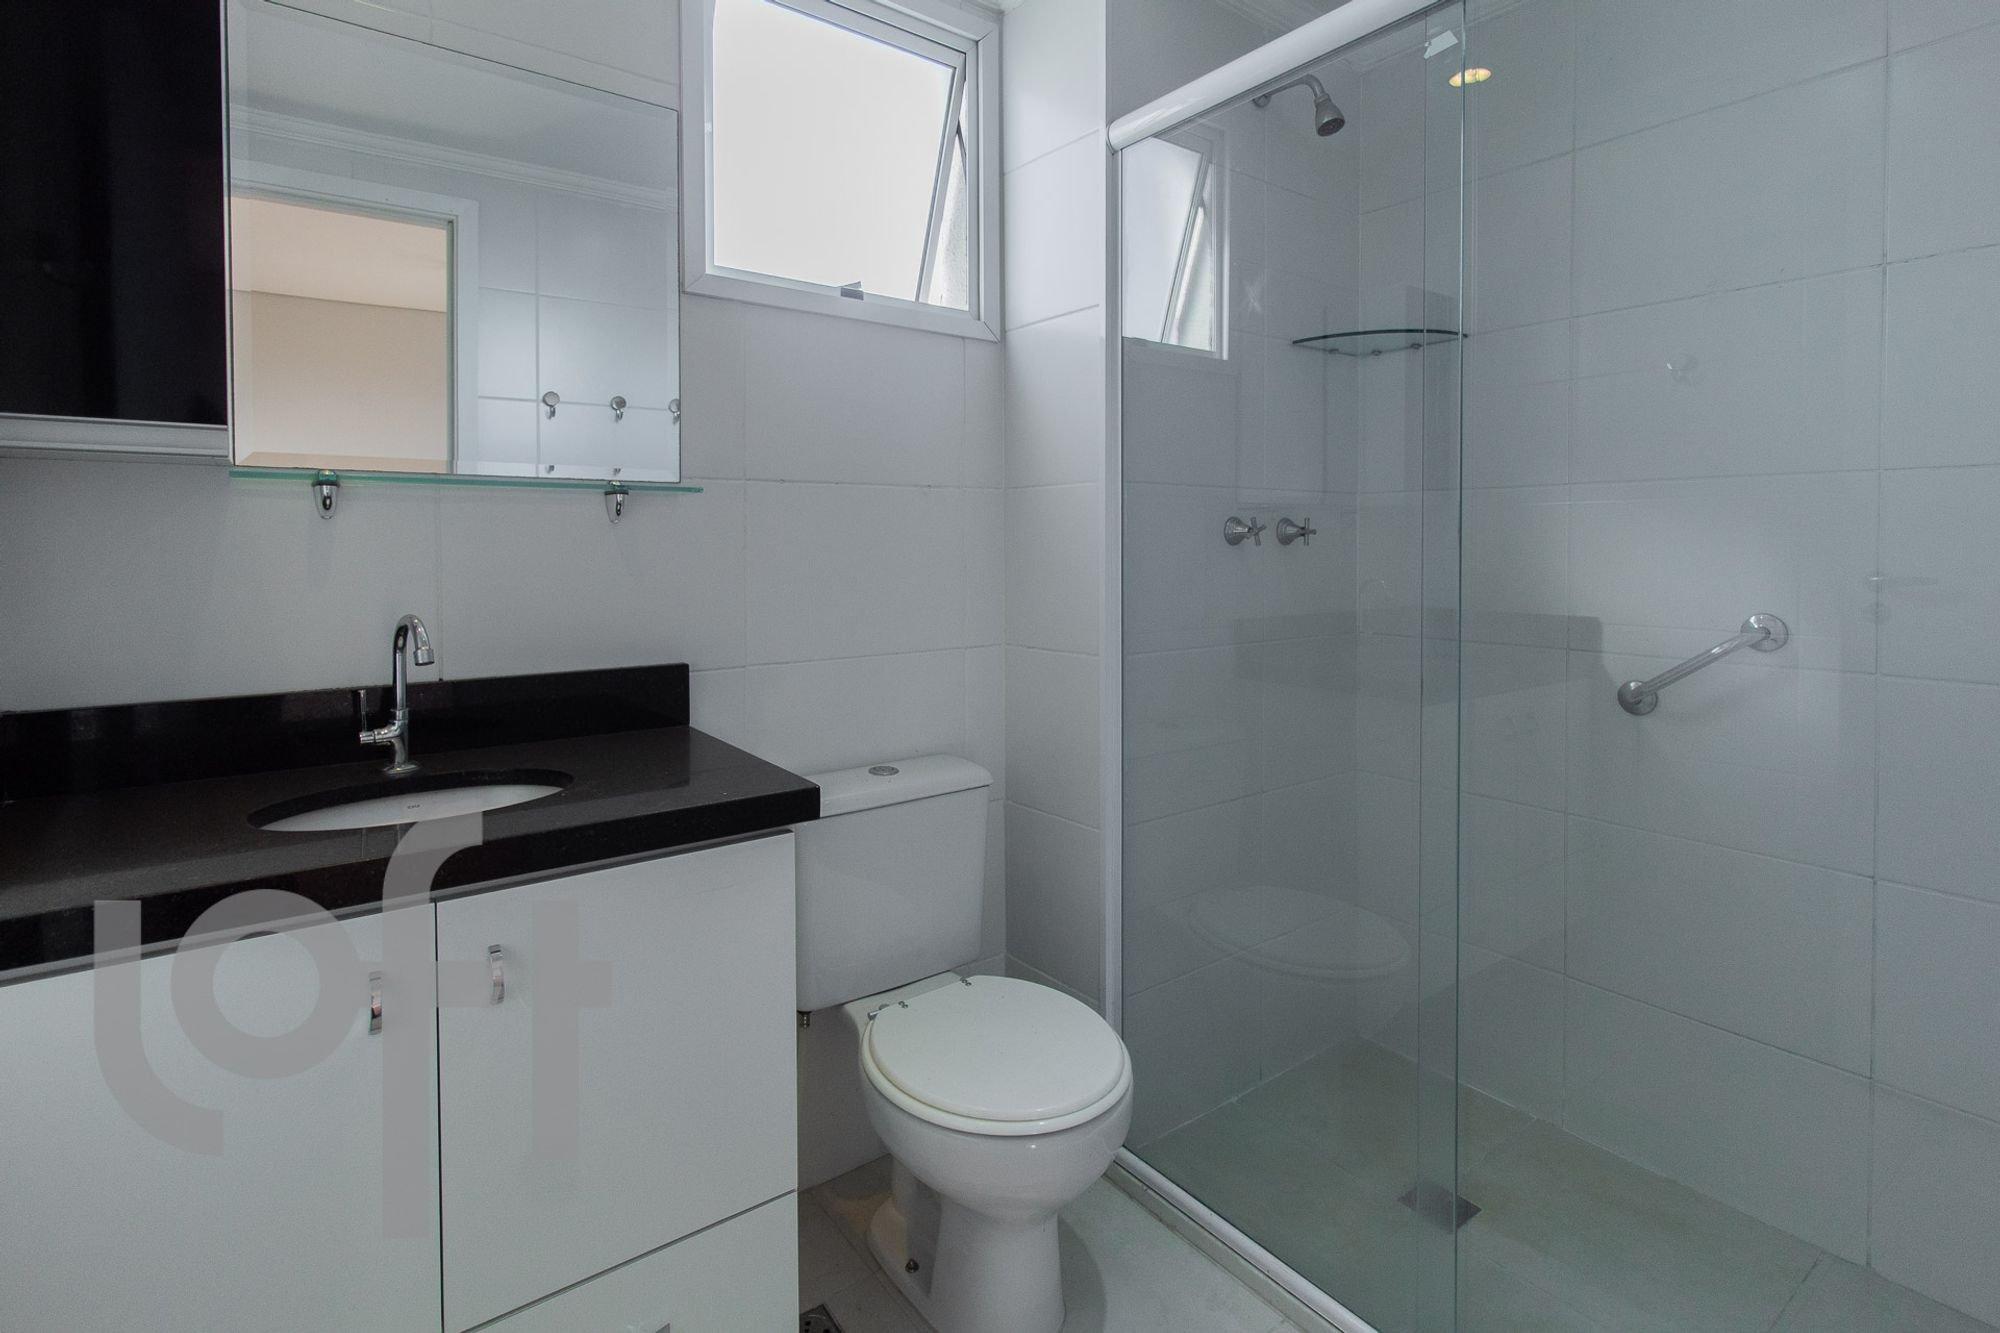 Foto de Banheiro com bolsa, vaso sanitário